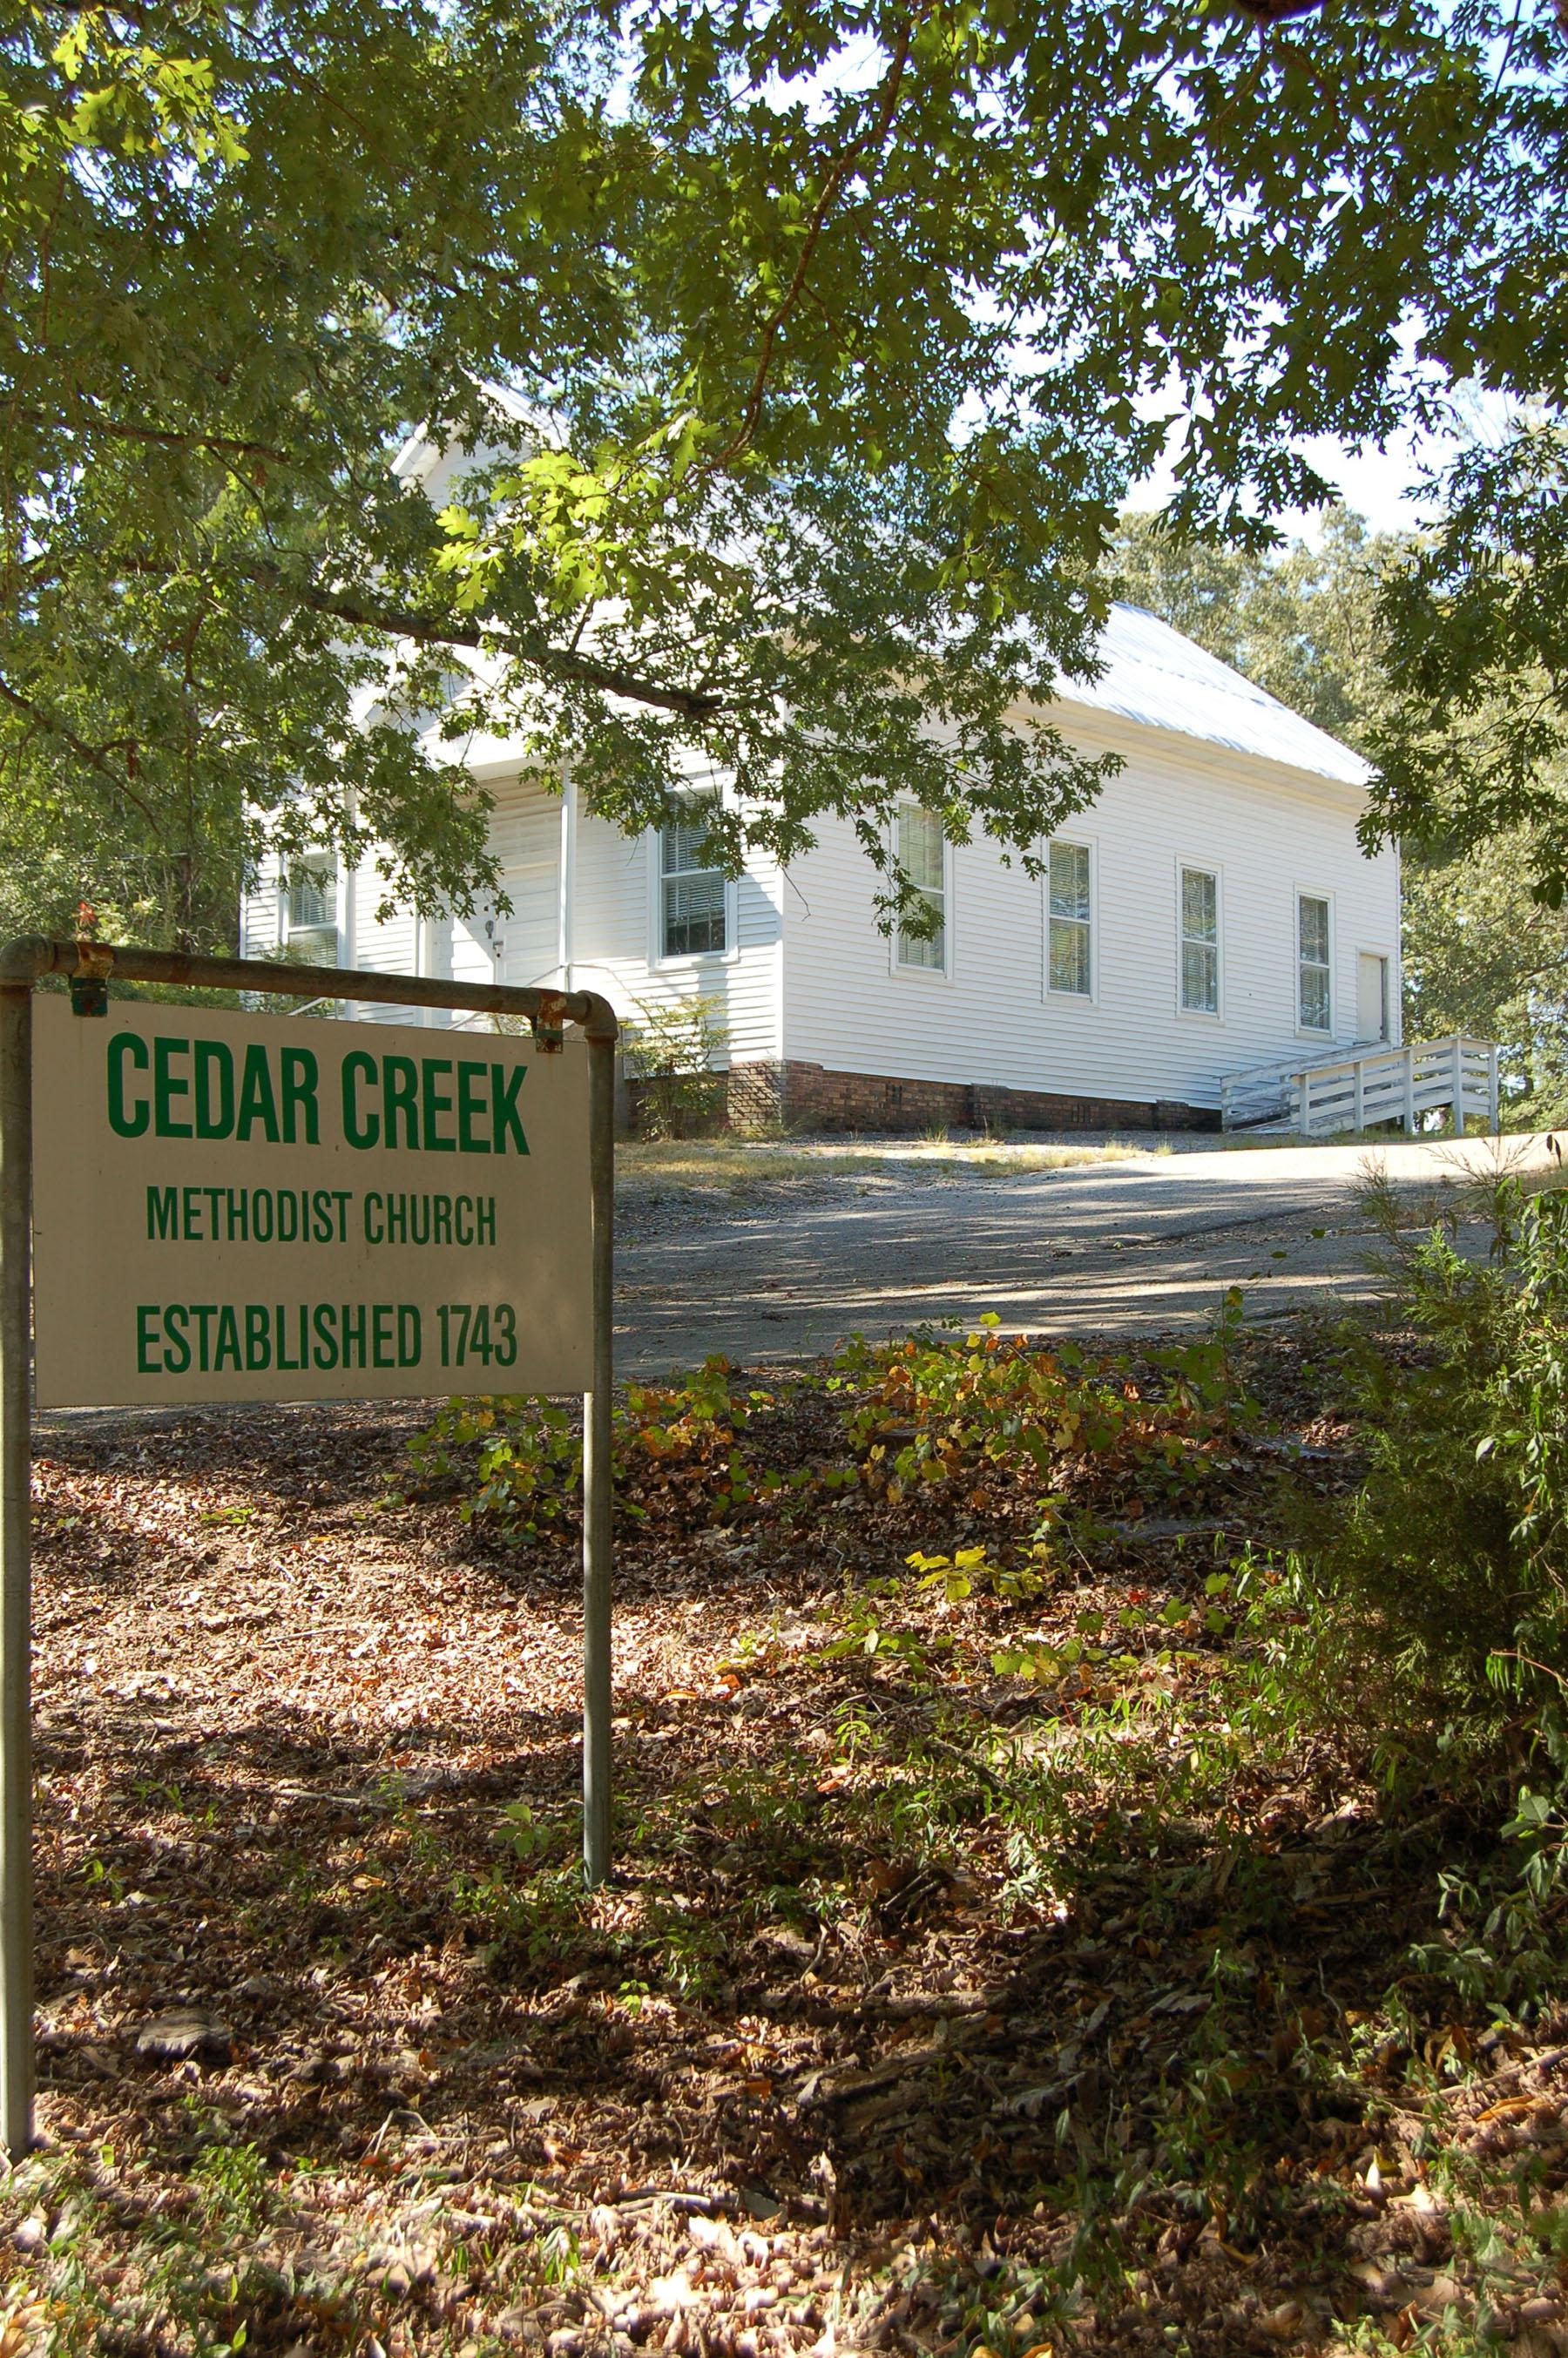 Cedar Creek Methodist Church.  Photo by Jim McLean.